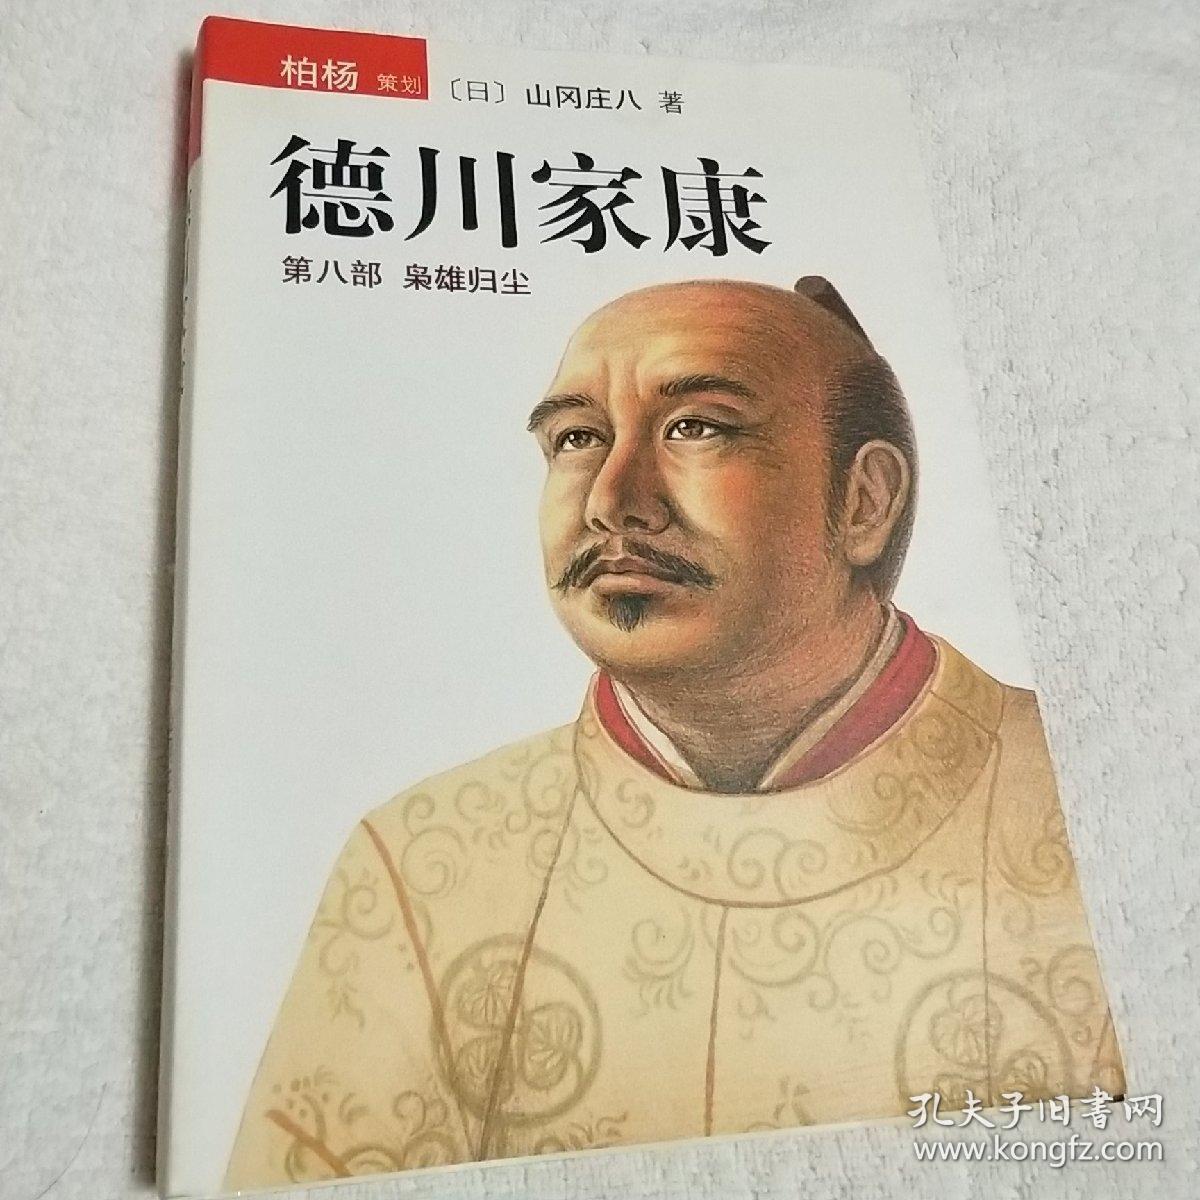 德川家康(第八部):枭雄归尘_[日]山冈庄八 著;王维辛